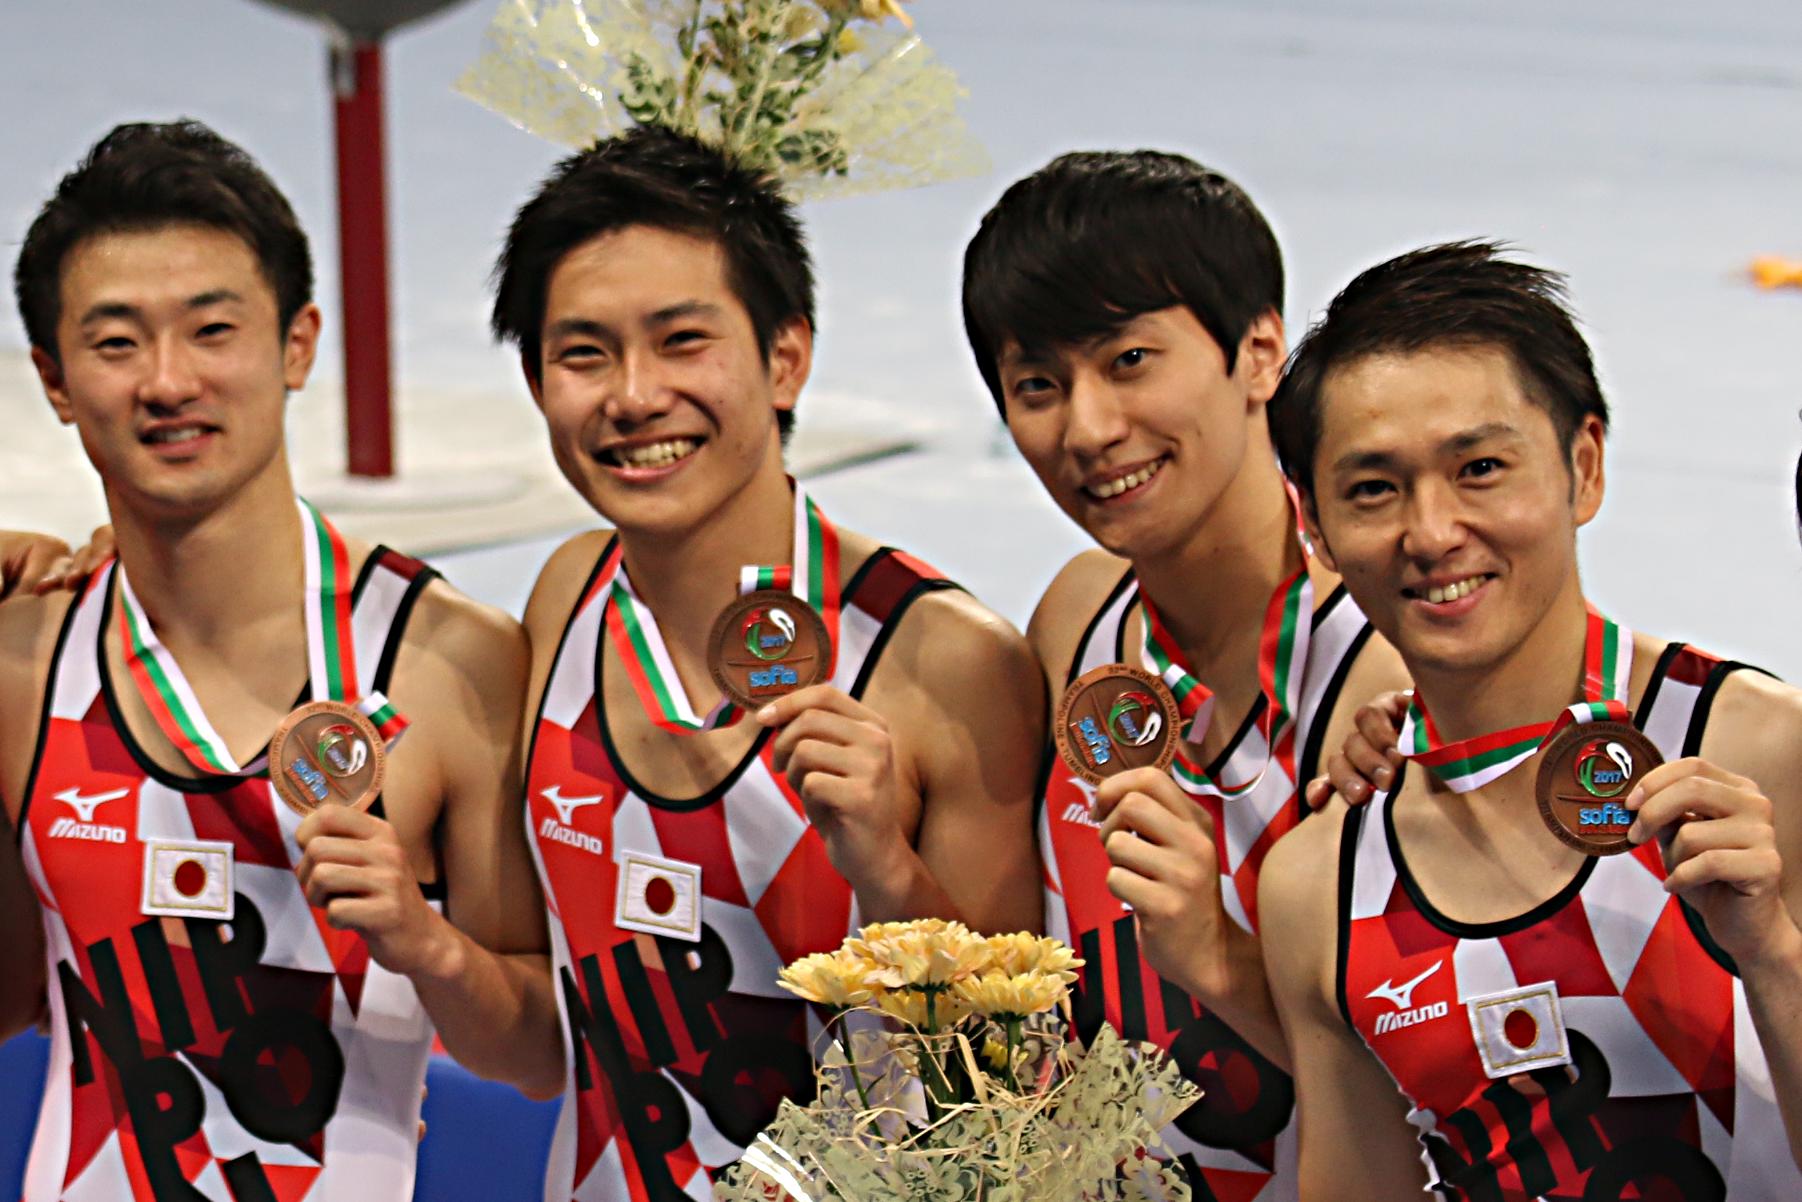 第32回世界選手権 男子団体銅メダル